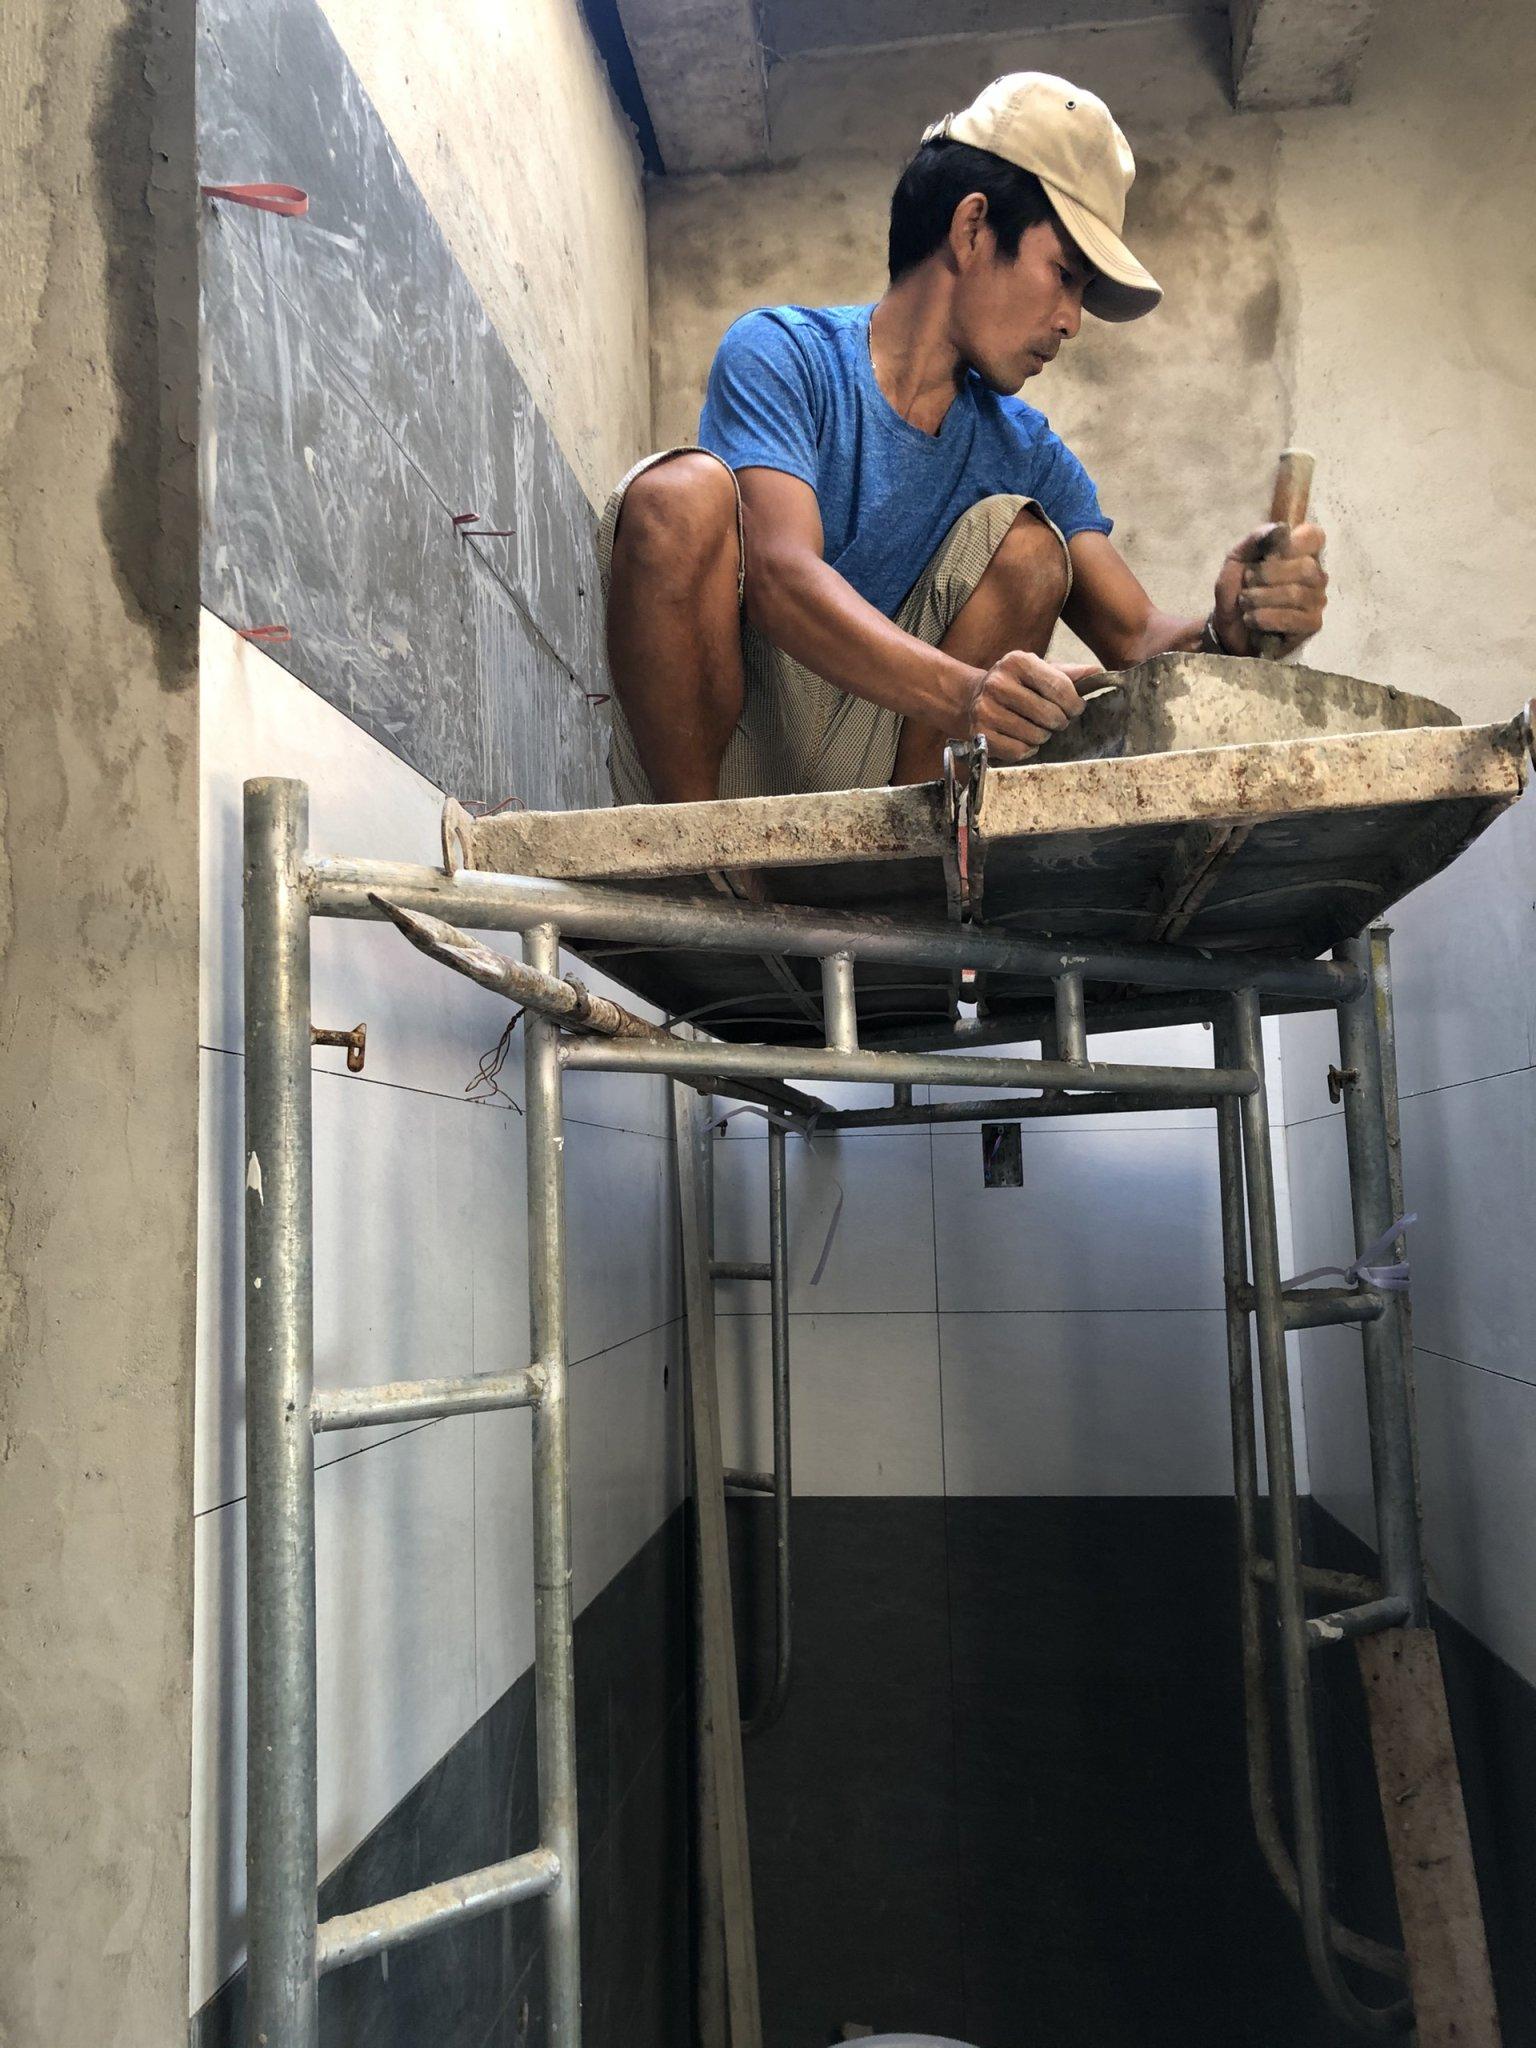 Nhà thầu xây dựng tại Biên Hòa Đồng Nai 2